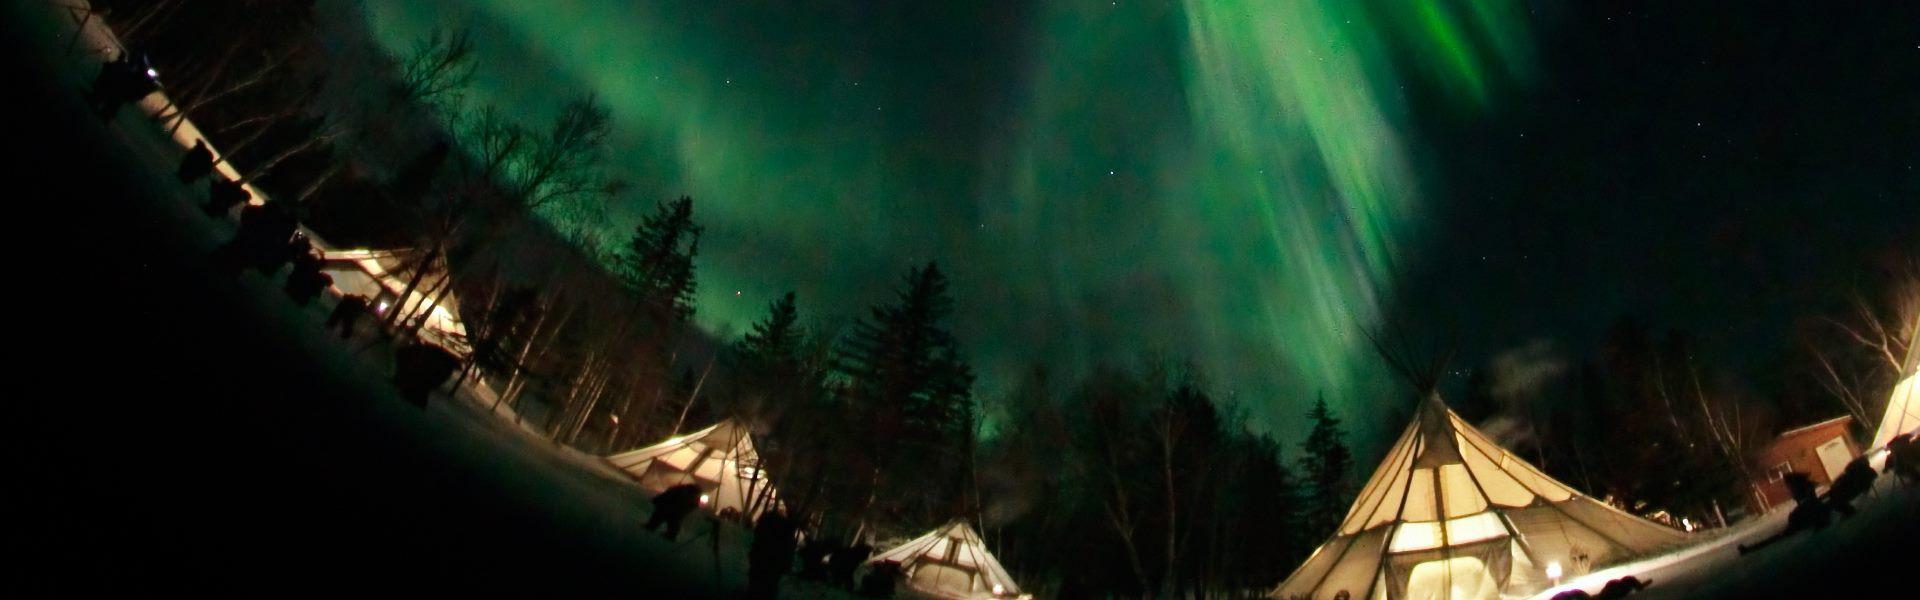 Aurora - Wunderbares Polarlicht